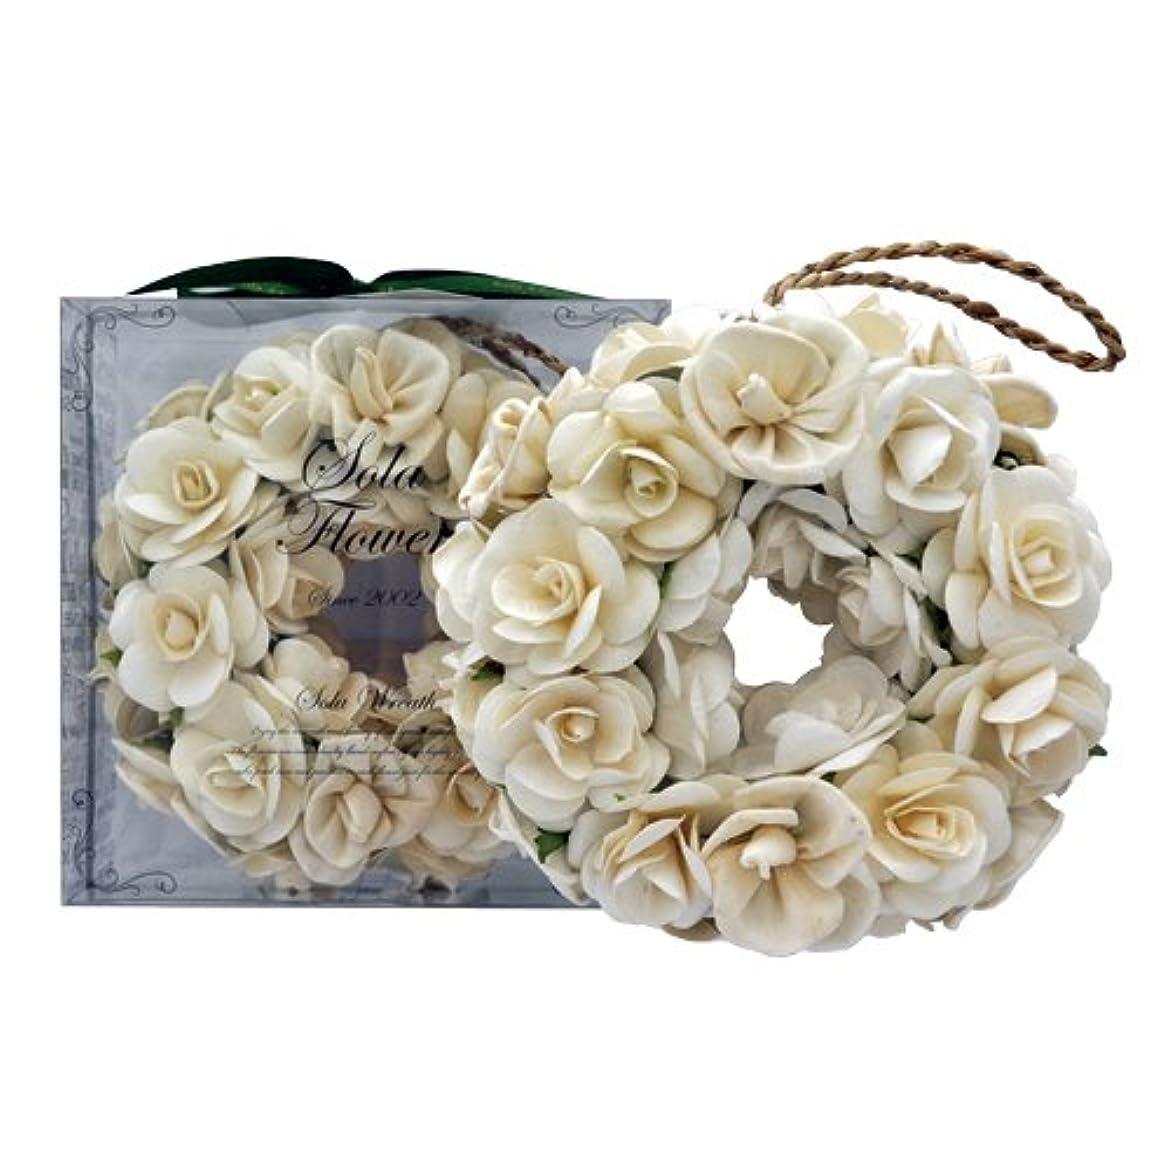 私たち自身自発的許さないnew Sola Flower ソラフラワー リース Gentle Rose ジェントルローズ Wreath